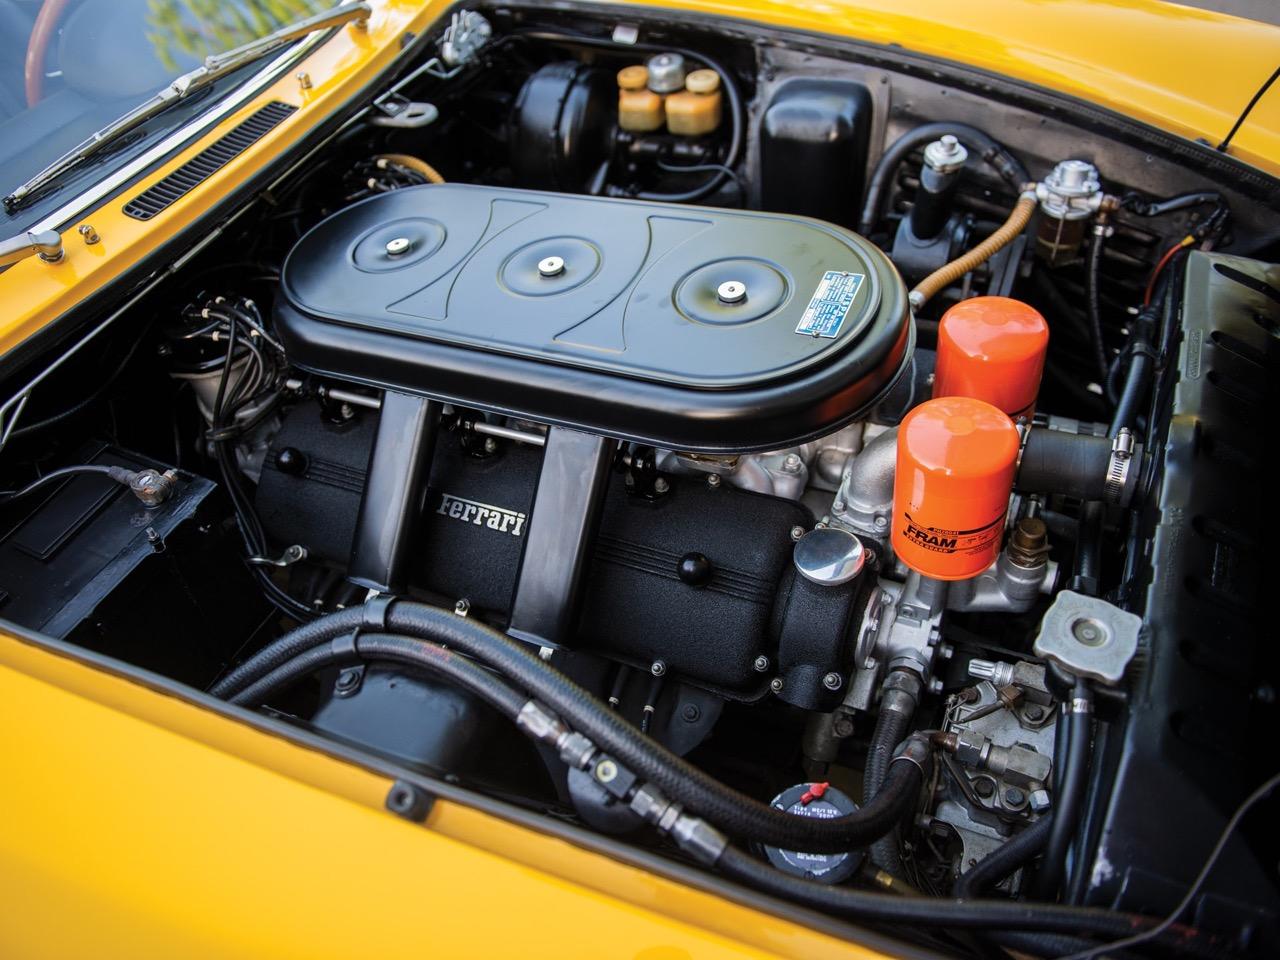 '68 Ferrari 365 GT 2+2 - Le charme des familiales ! 52